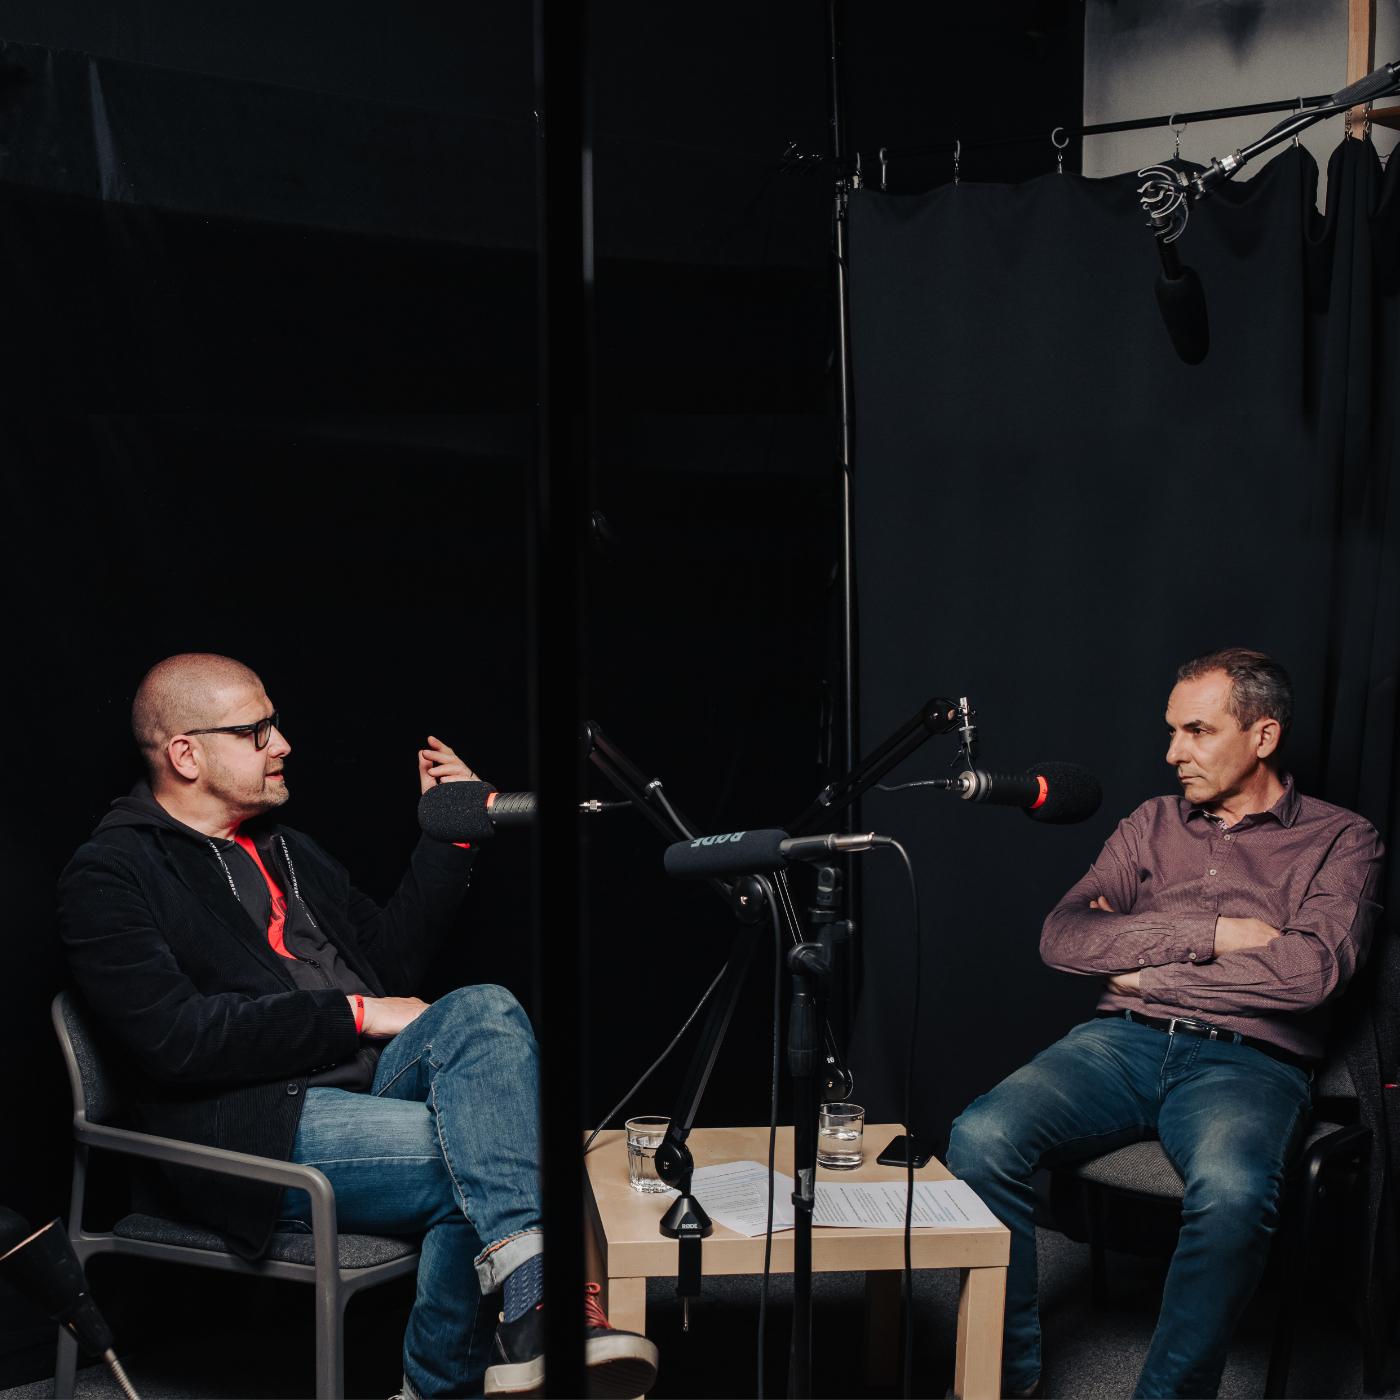 Paměť národa spouští podcast, tvoří ho Jindřich Šídlo a Jan Dobrovský